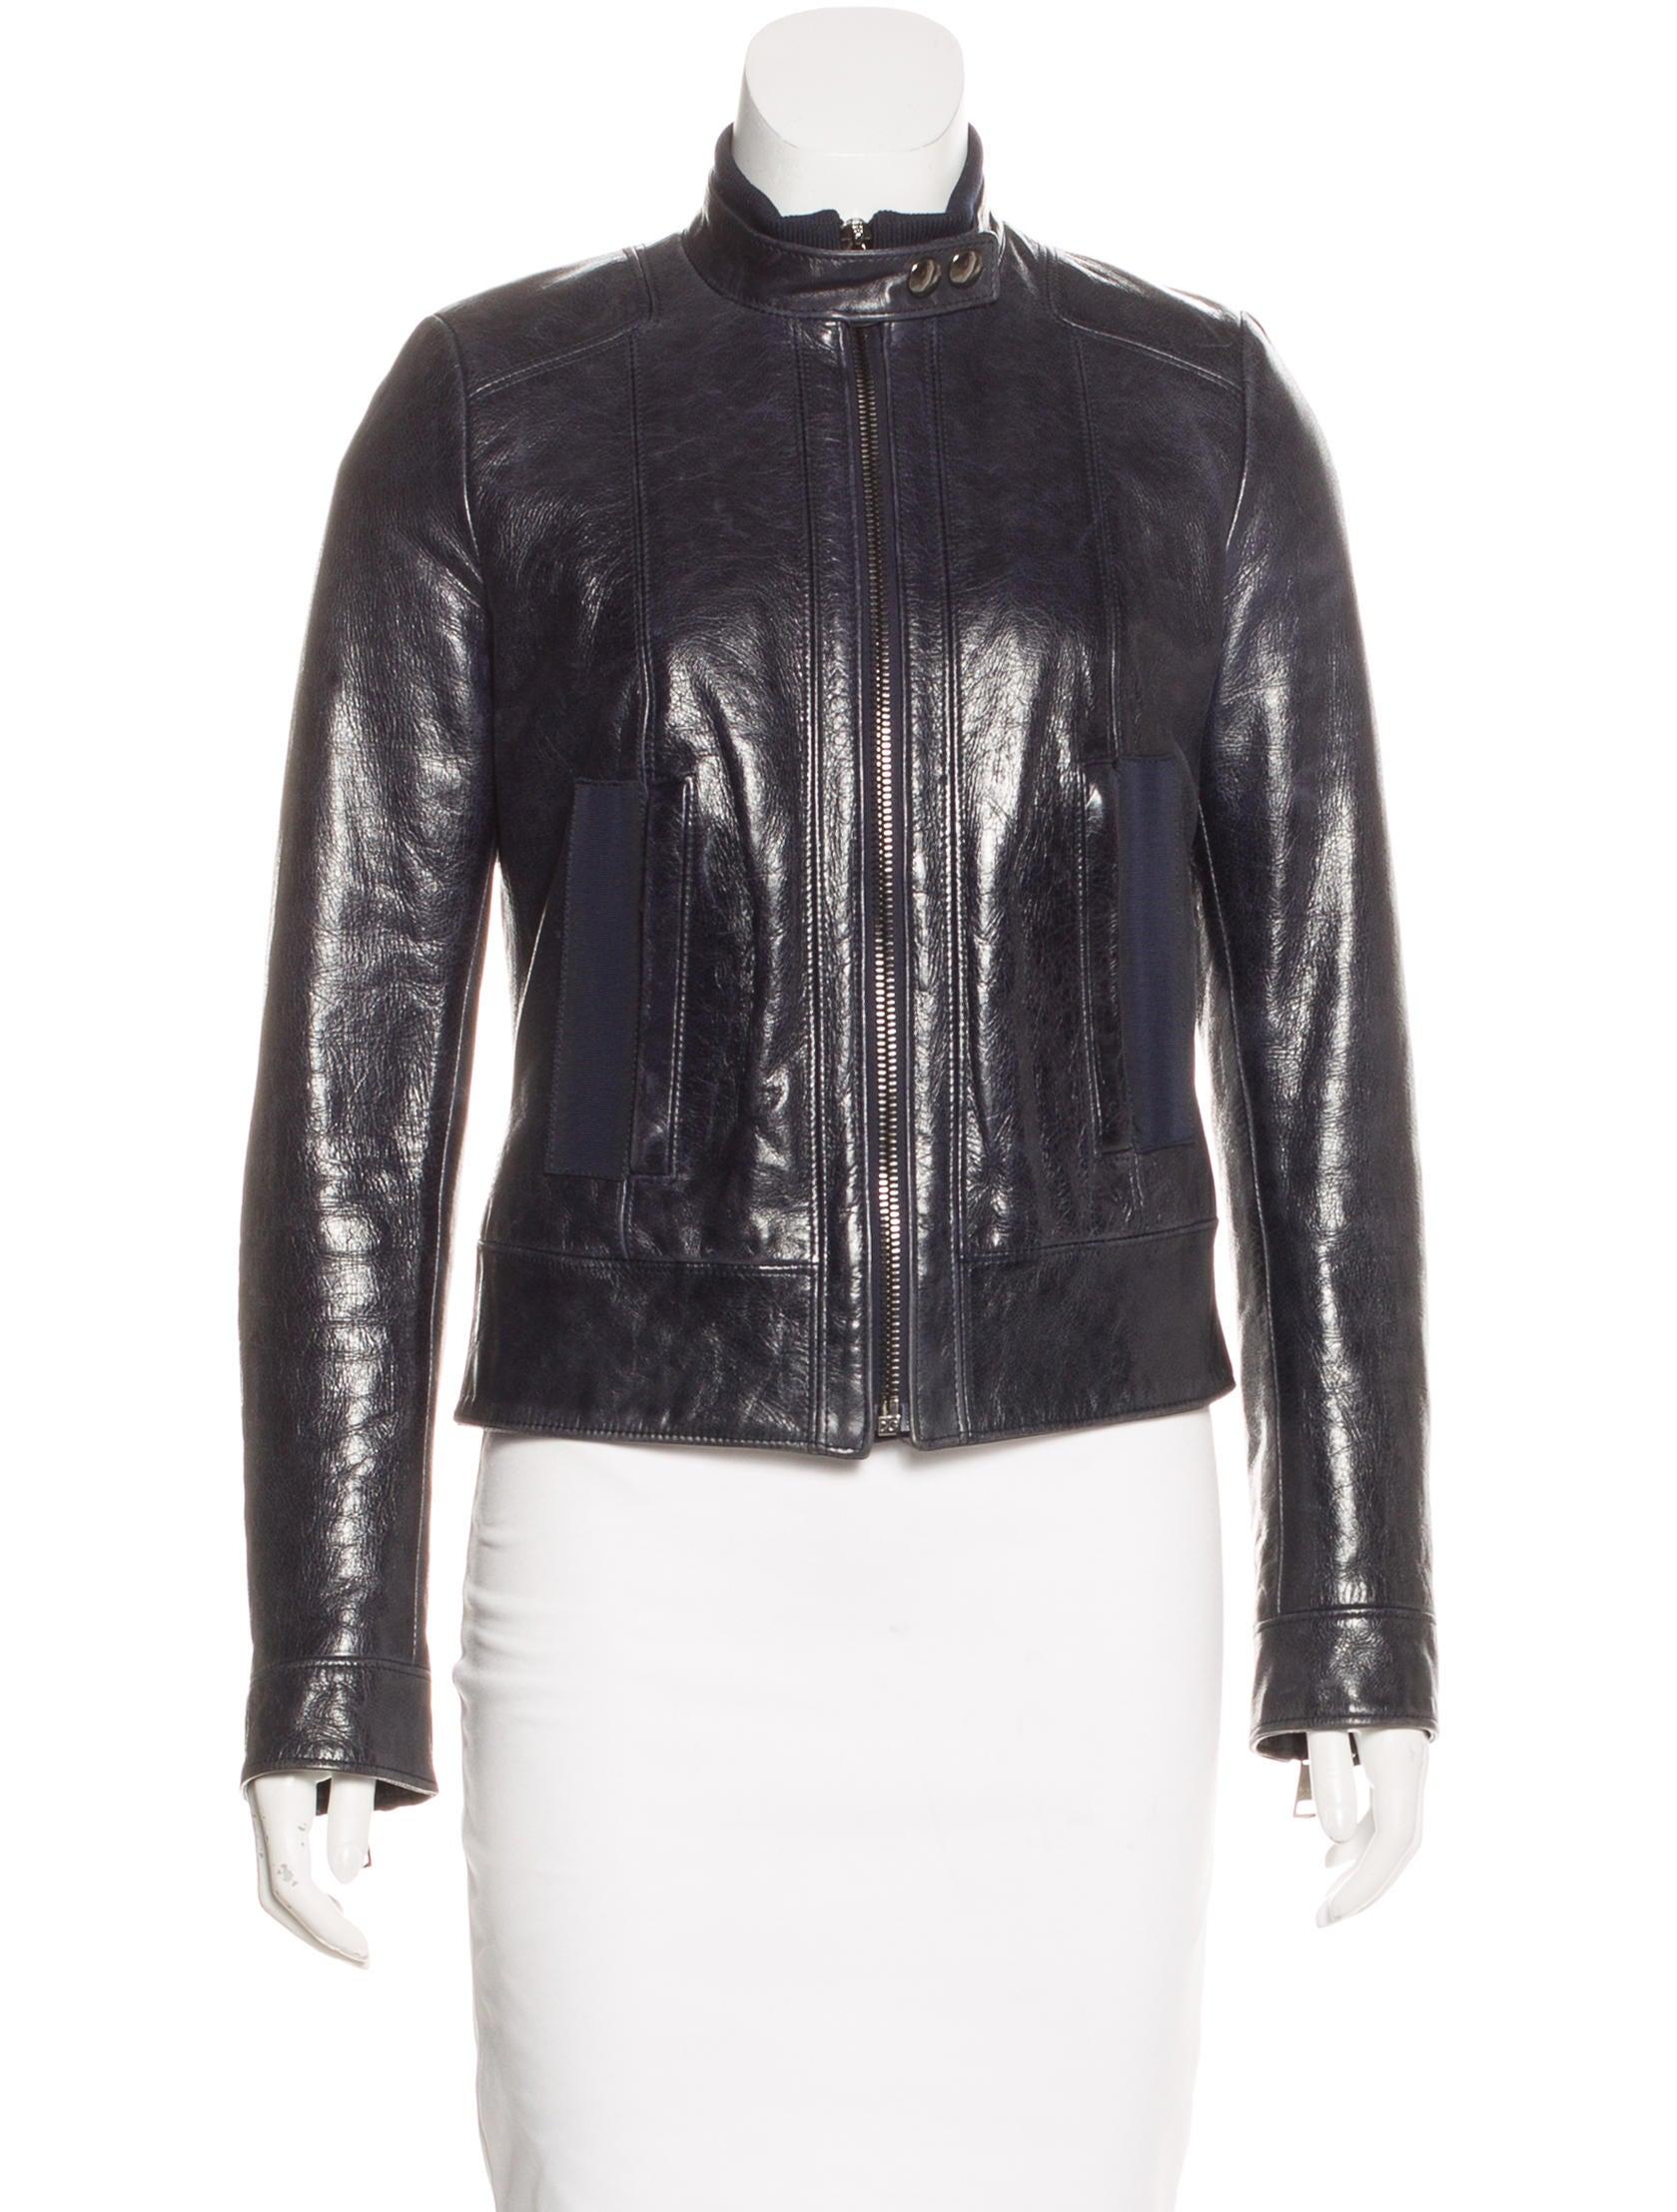 dolce gabbana leather grosgrain trimmed jacket jackets dag79556 the realreal. Black Bedroom Furniture Sets. Home Design Ideas